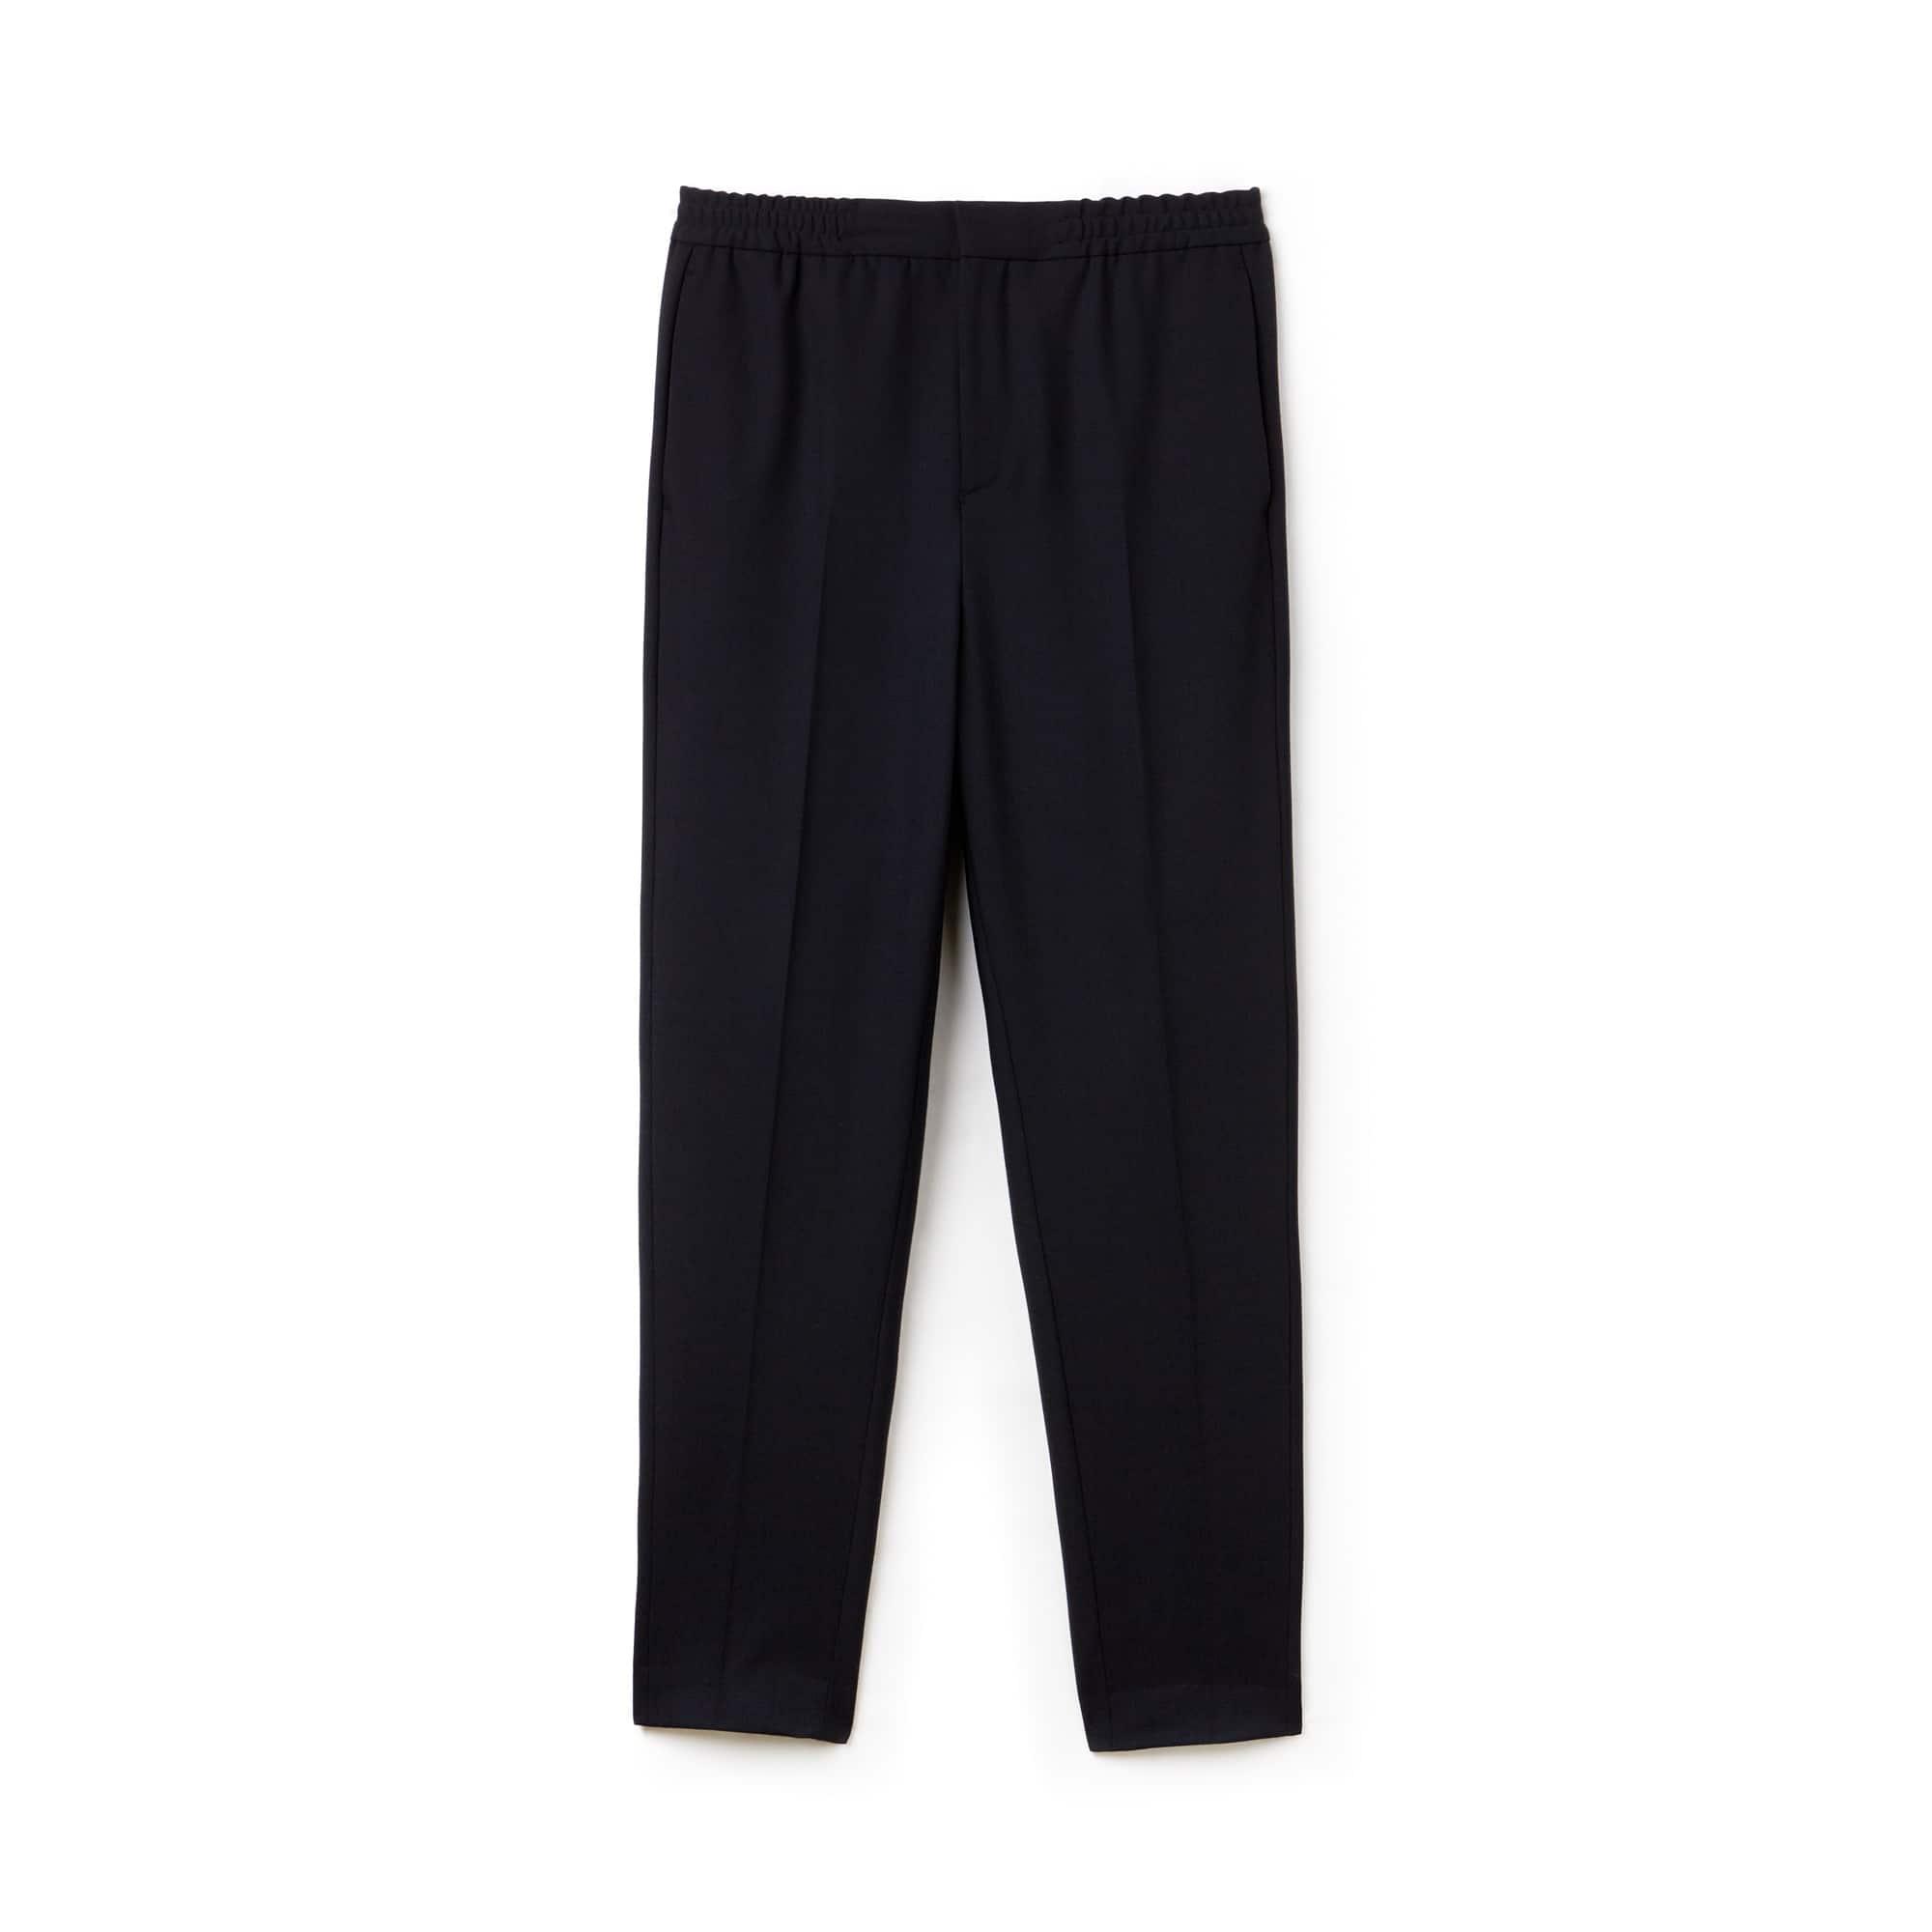 Pantaloni chino con pince Lacoste Motion in twill di lana stretch